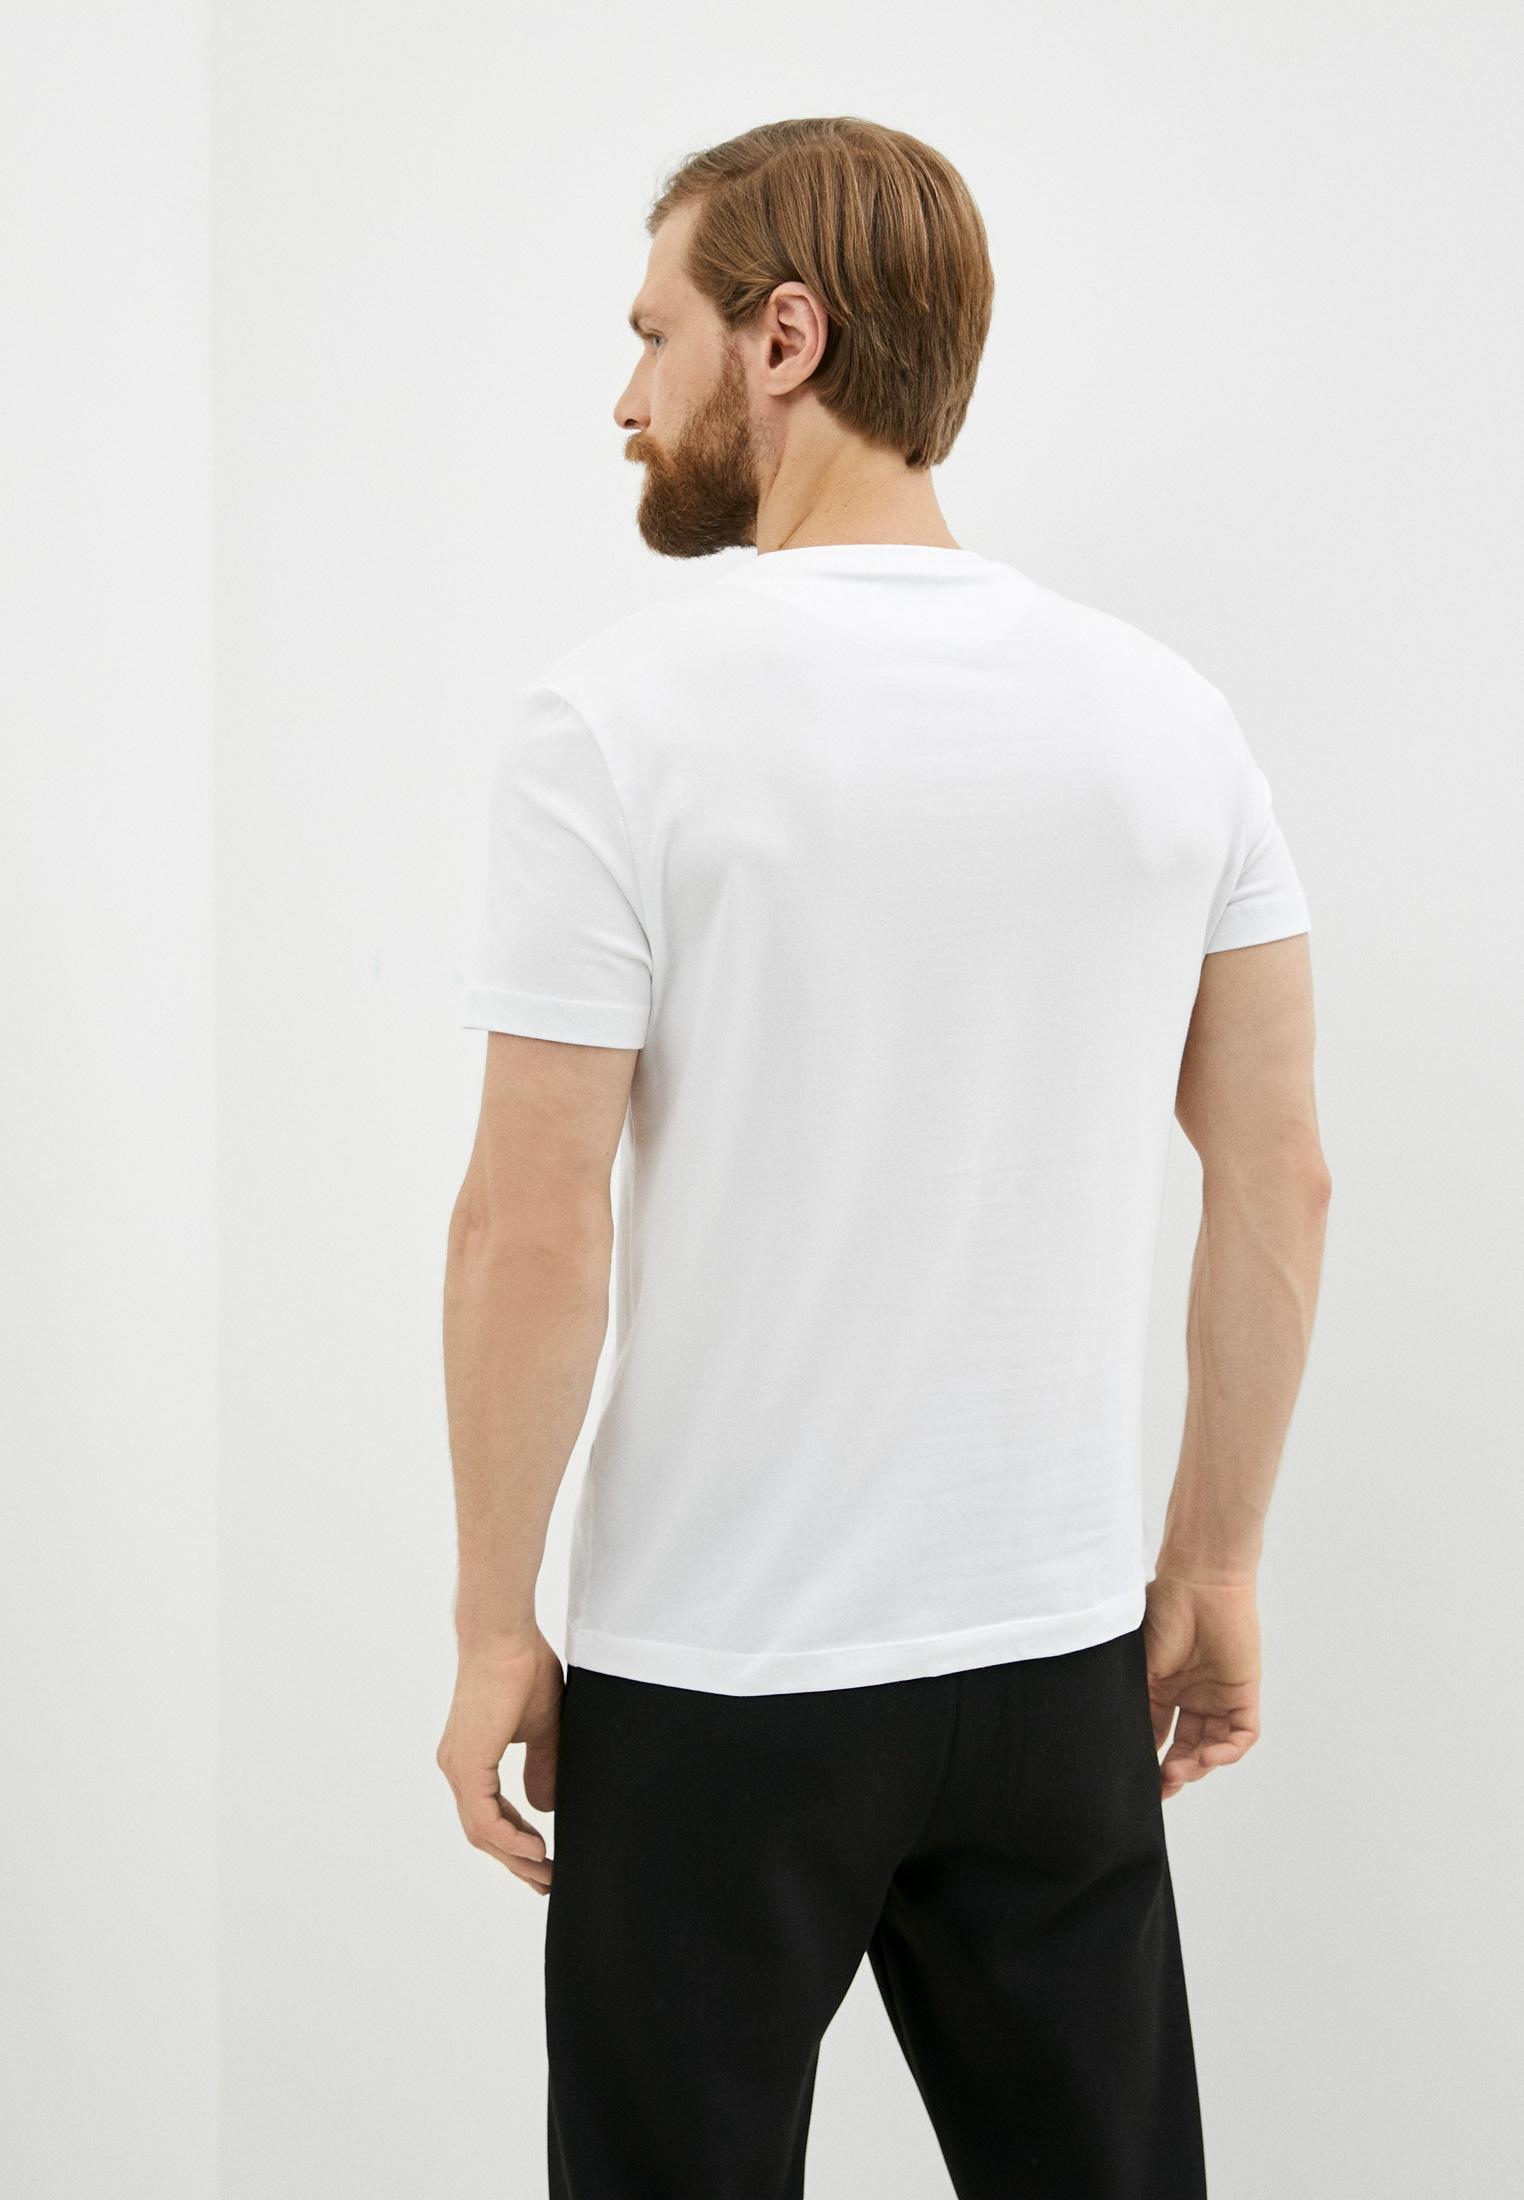 Мужская футболка Bikkembergs (Биккембергс) C 4 101 40 E 2273: изображение 4